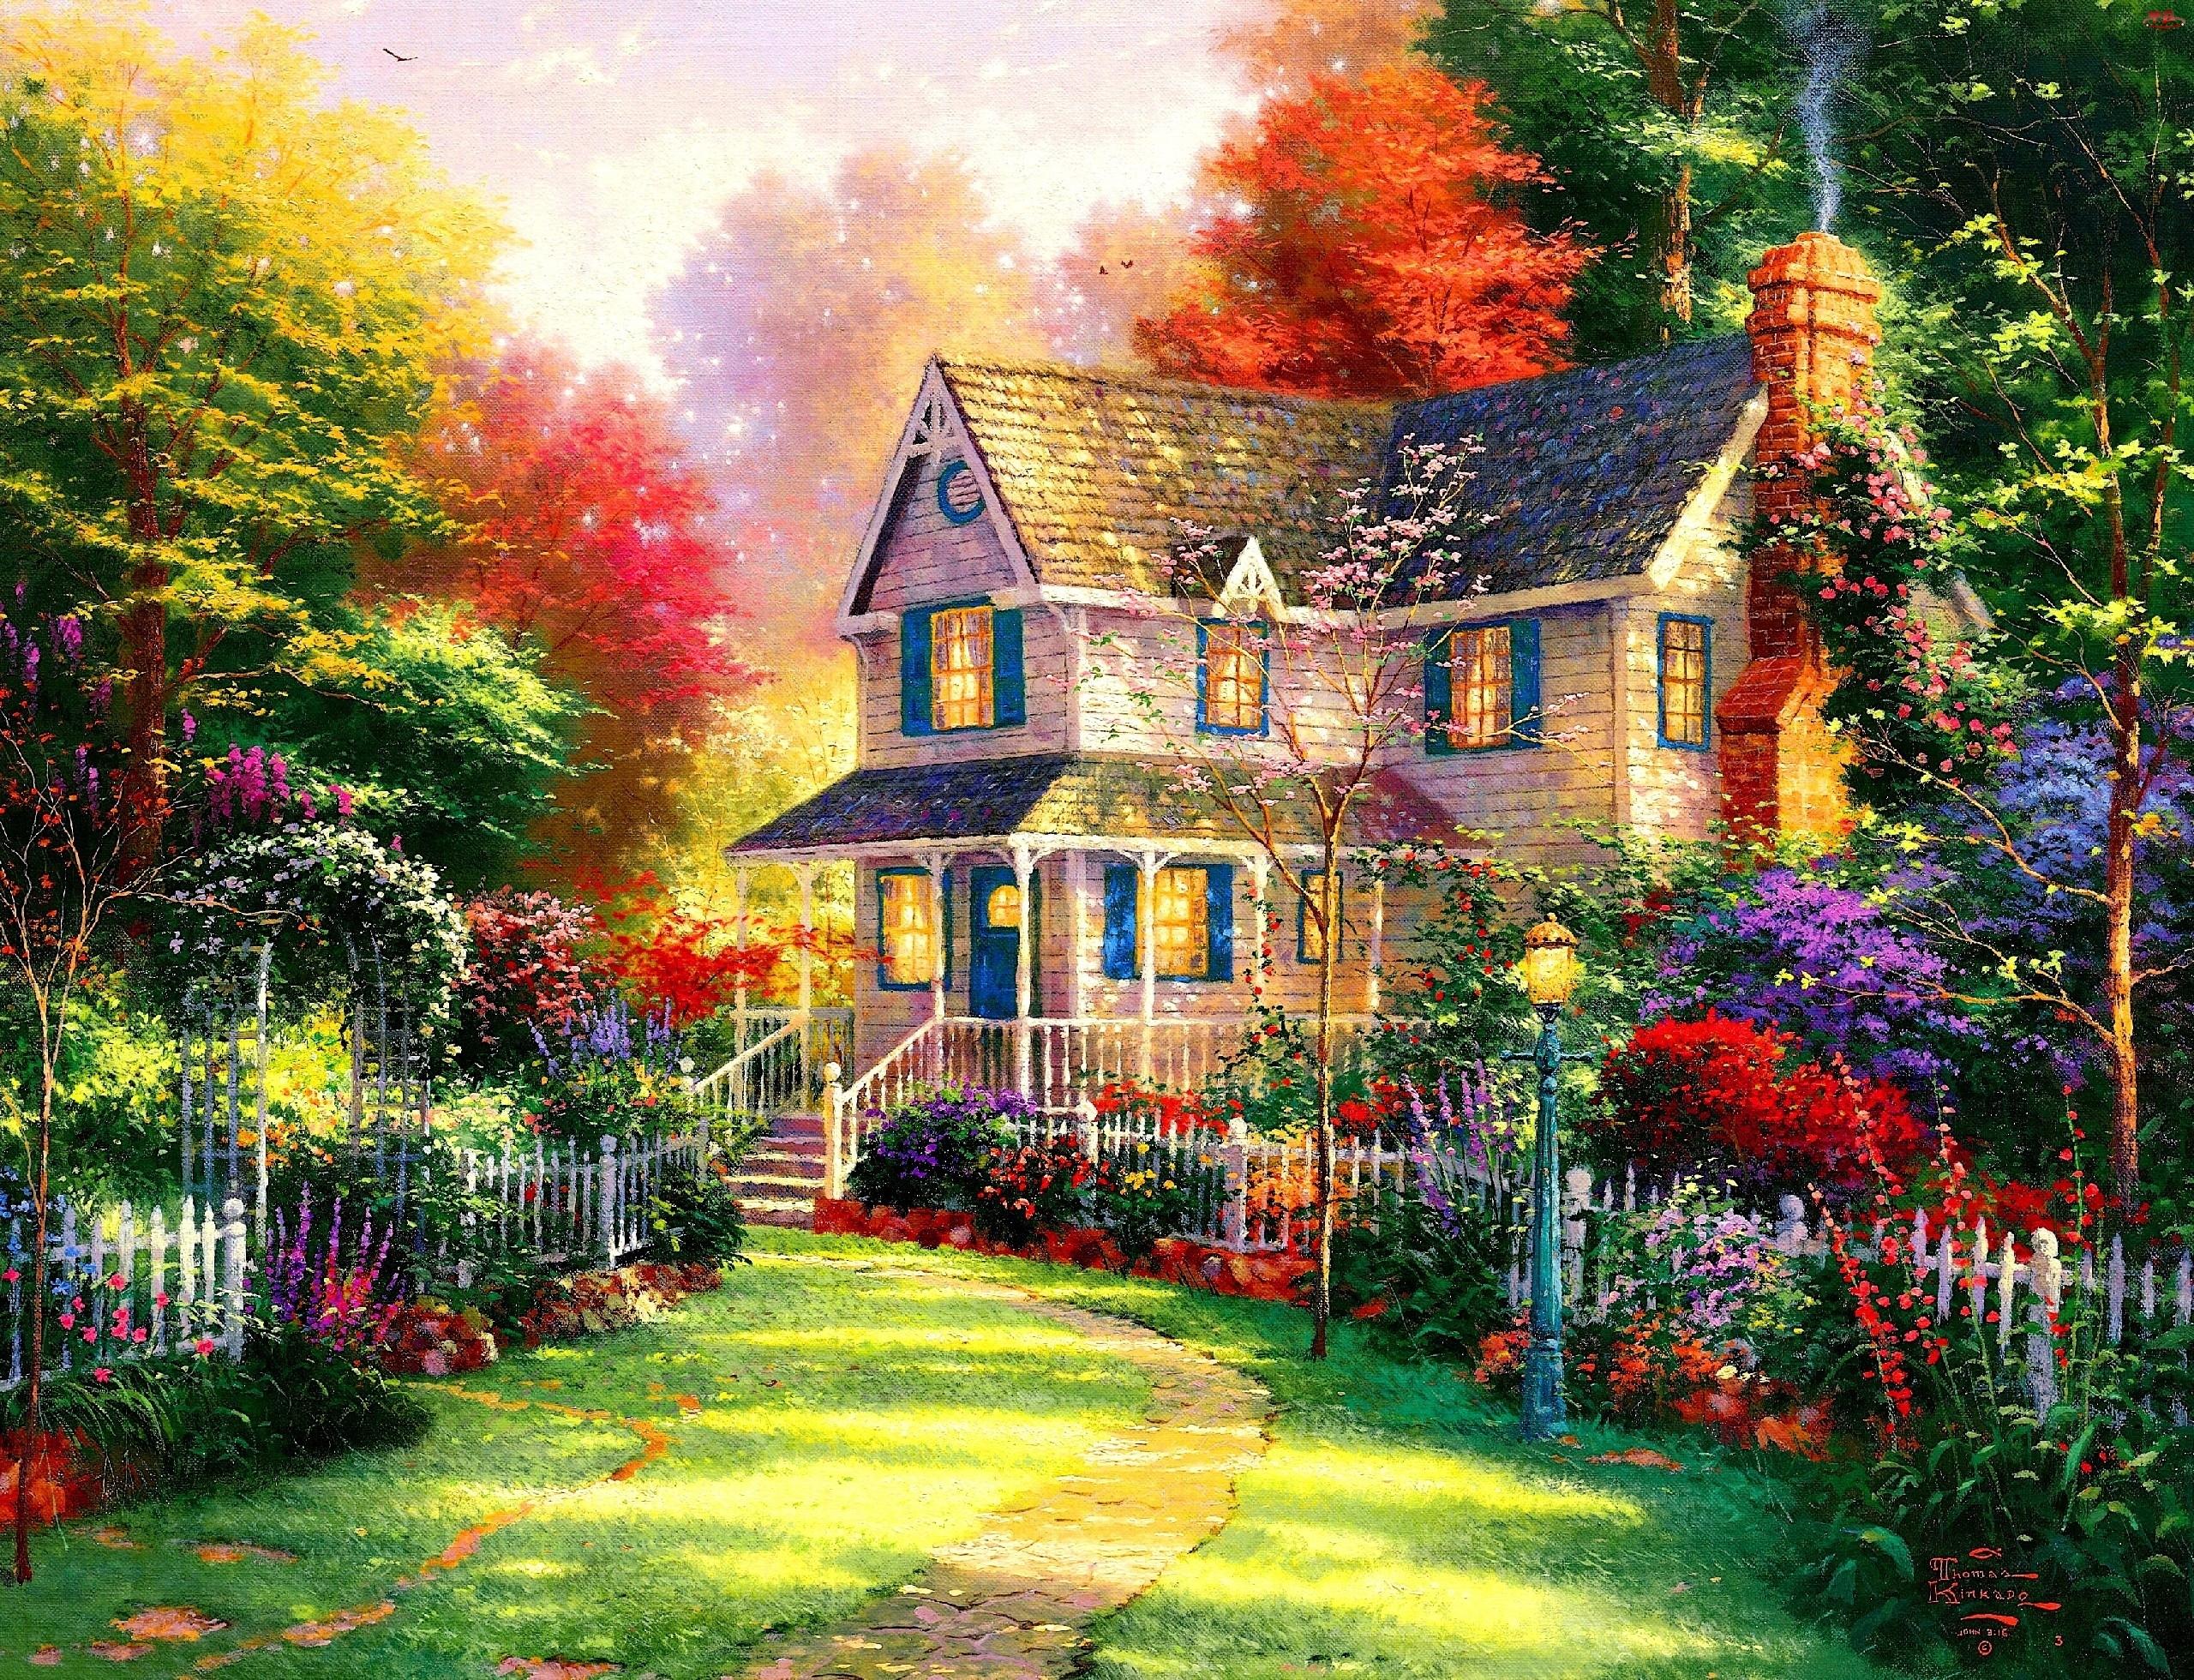 Drzewa, Kwiaty, Dom, Obraz, Kolorowe, Krzewy